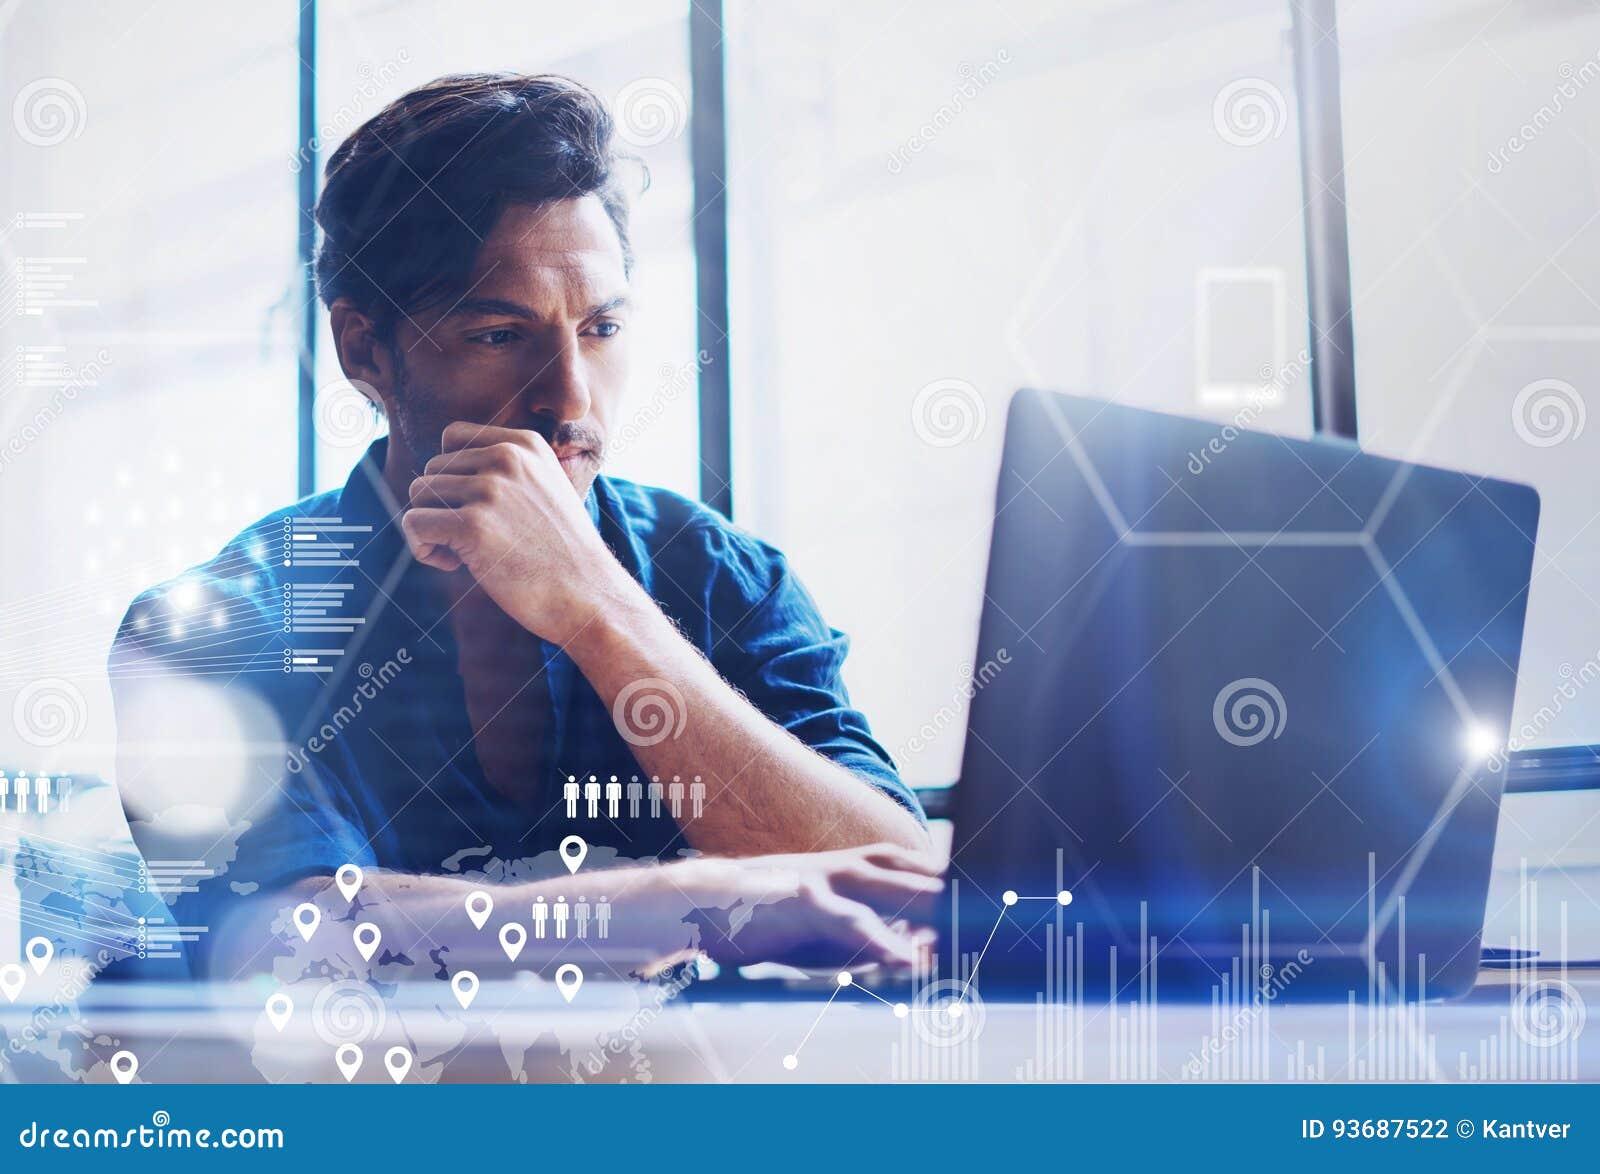 El concepto de pantalla digital, icono de la conexión virtual, diagrama, gráfico interconecta Analista joven de las finanzas de l